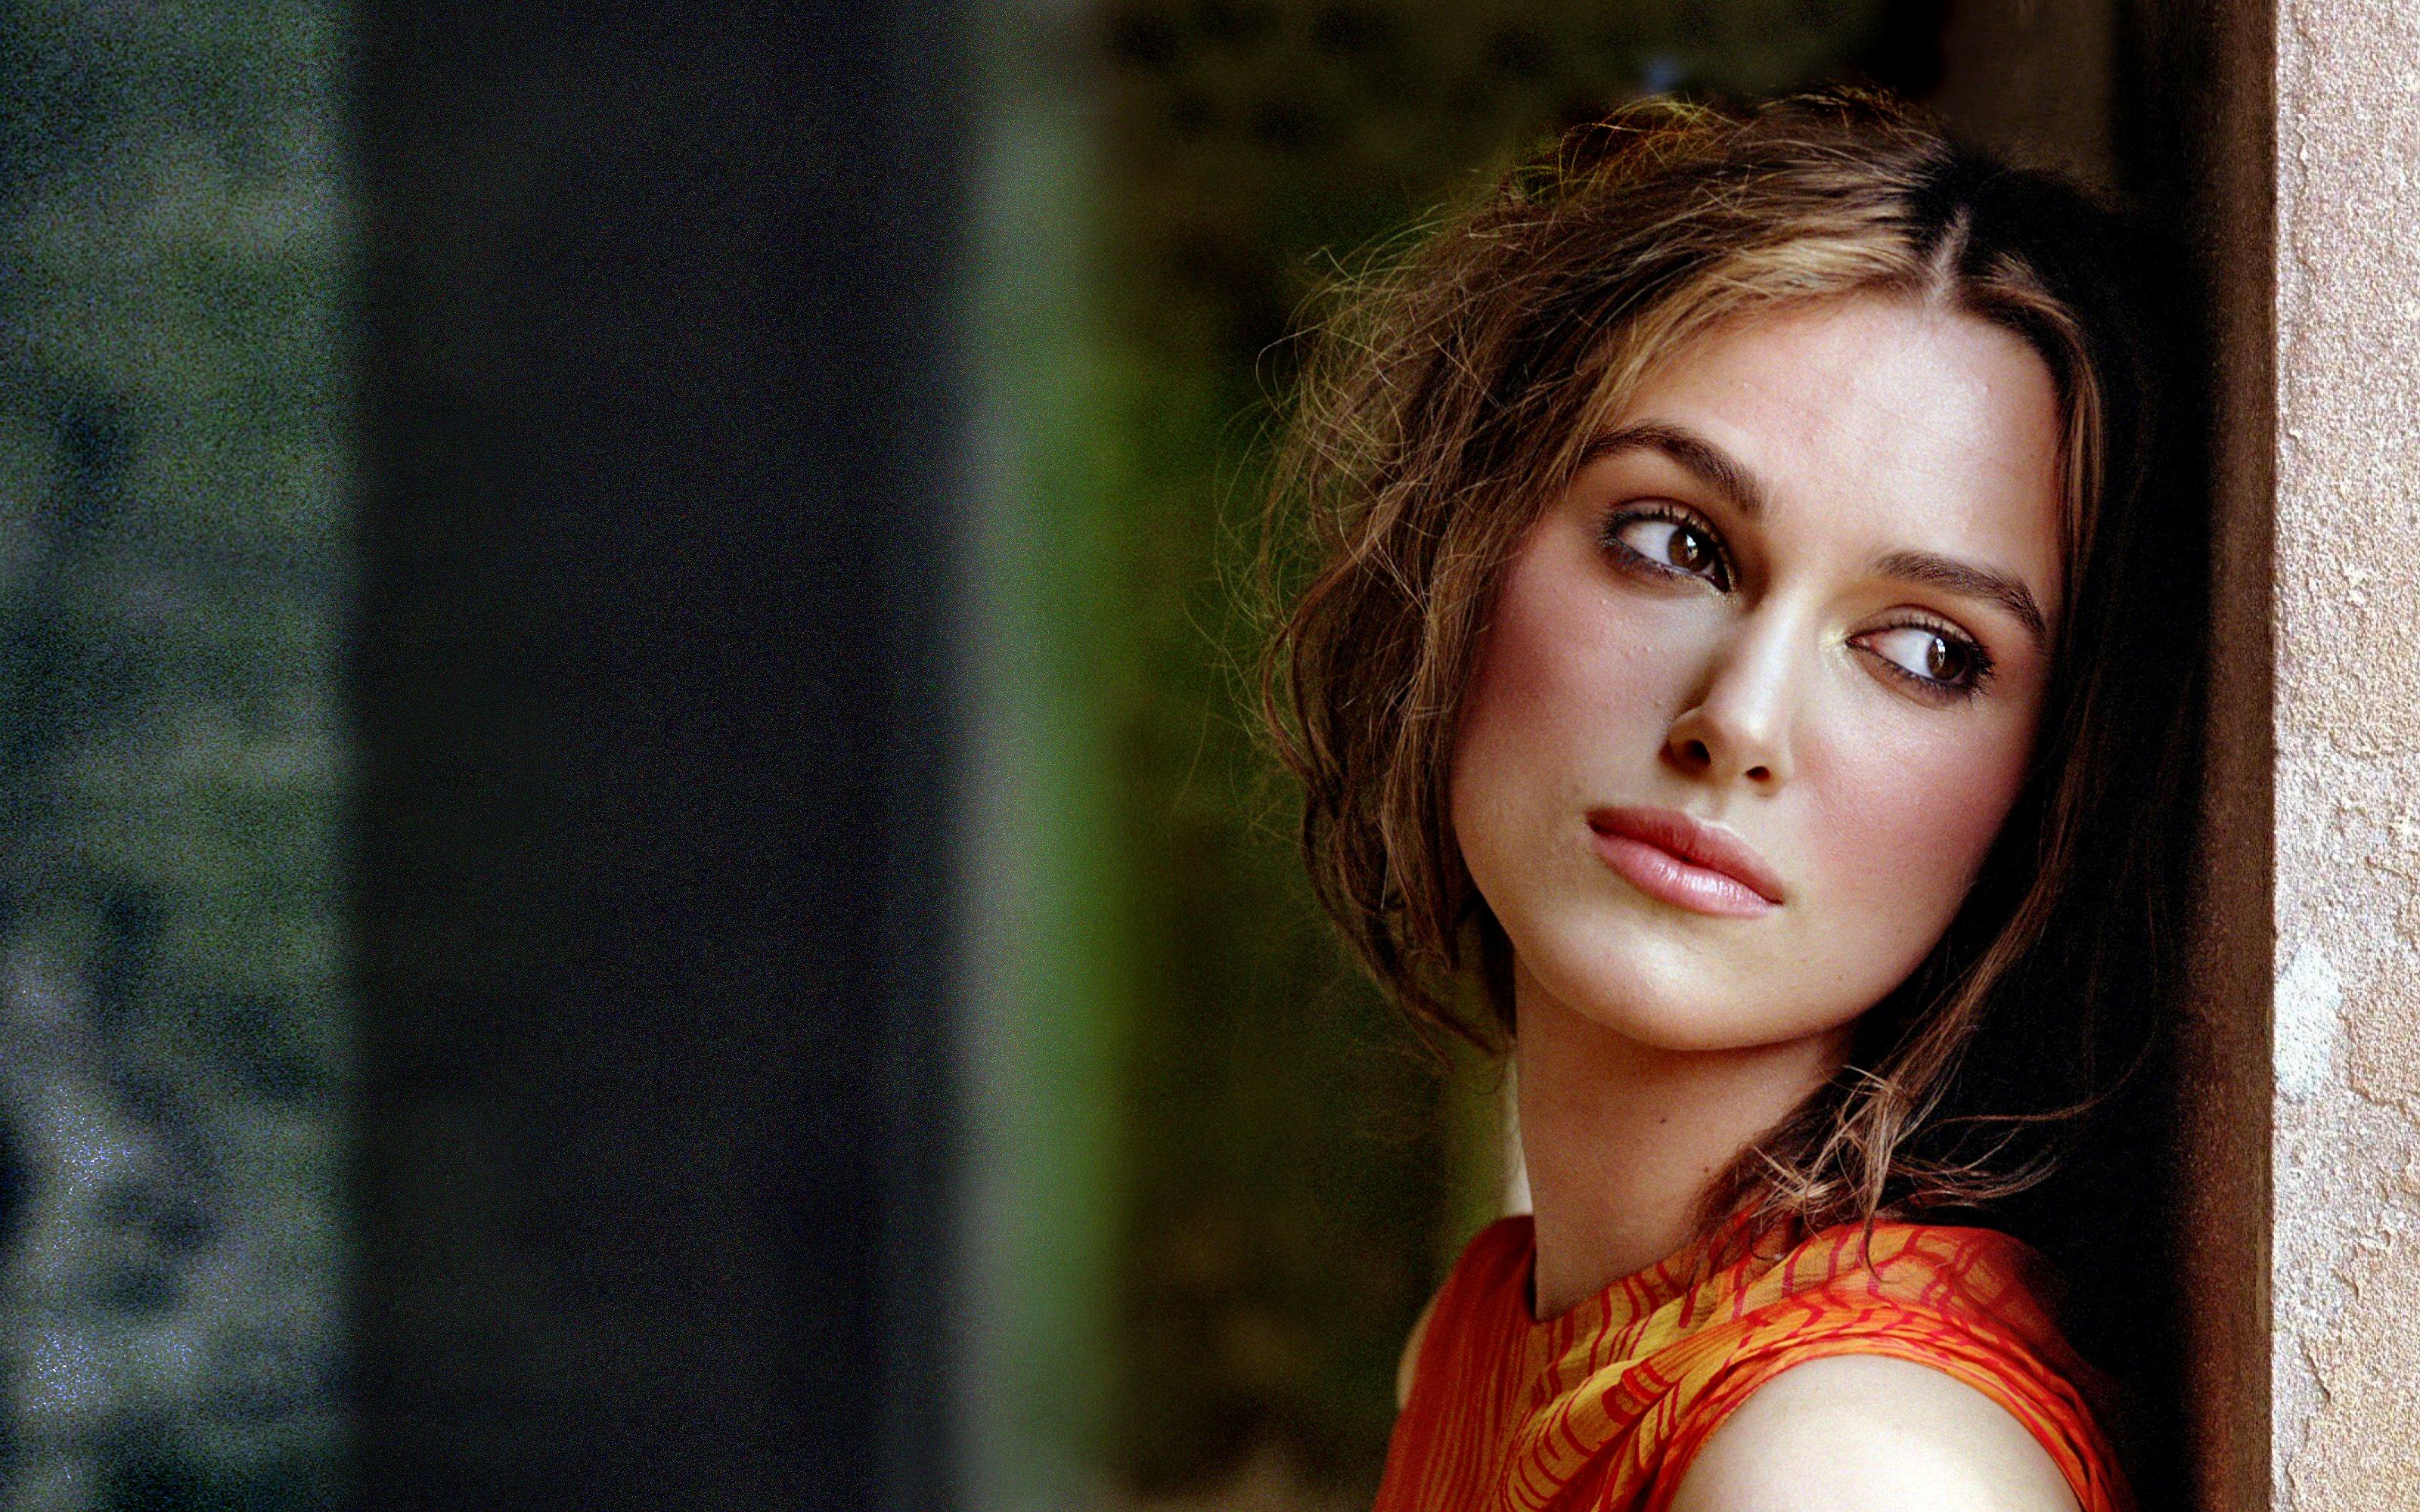 Keira Knightley: Обличчя, Дівчата, Keira Knightley